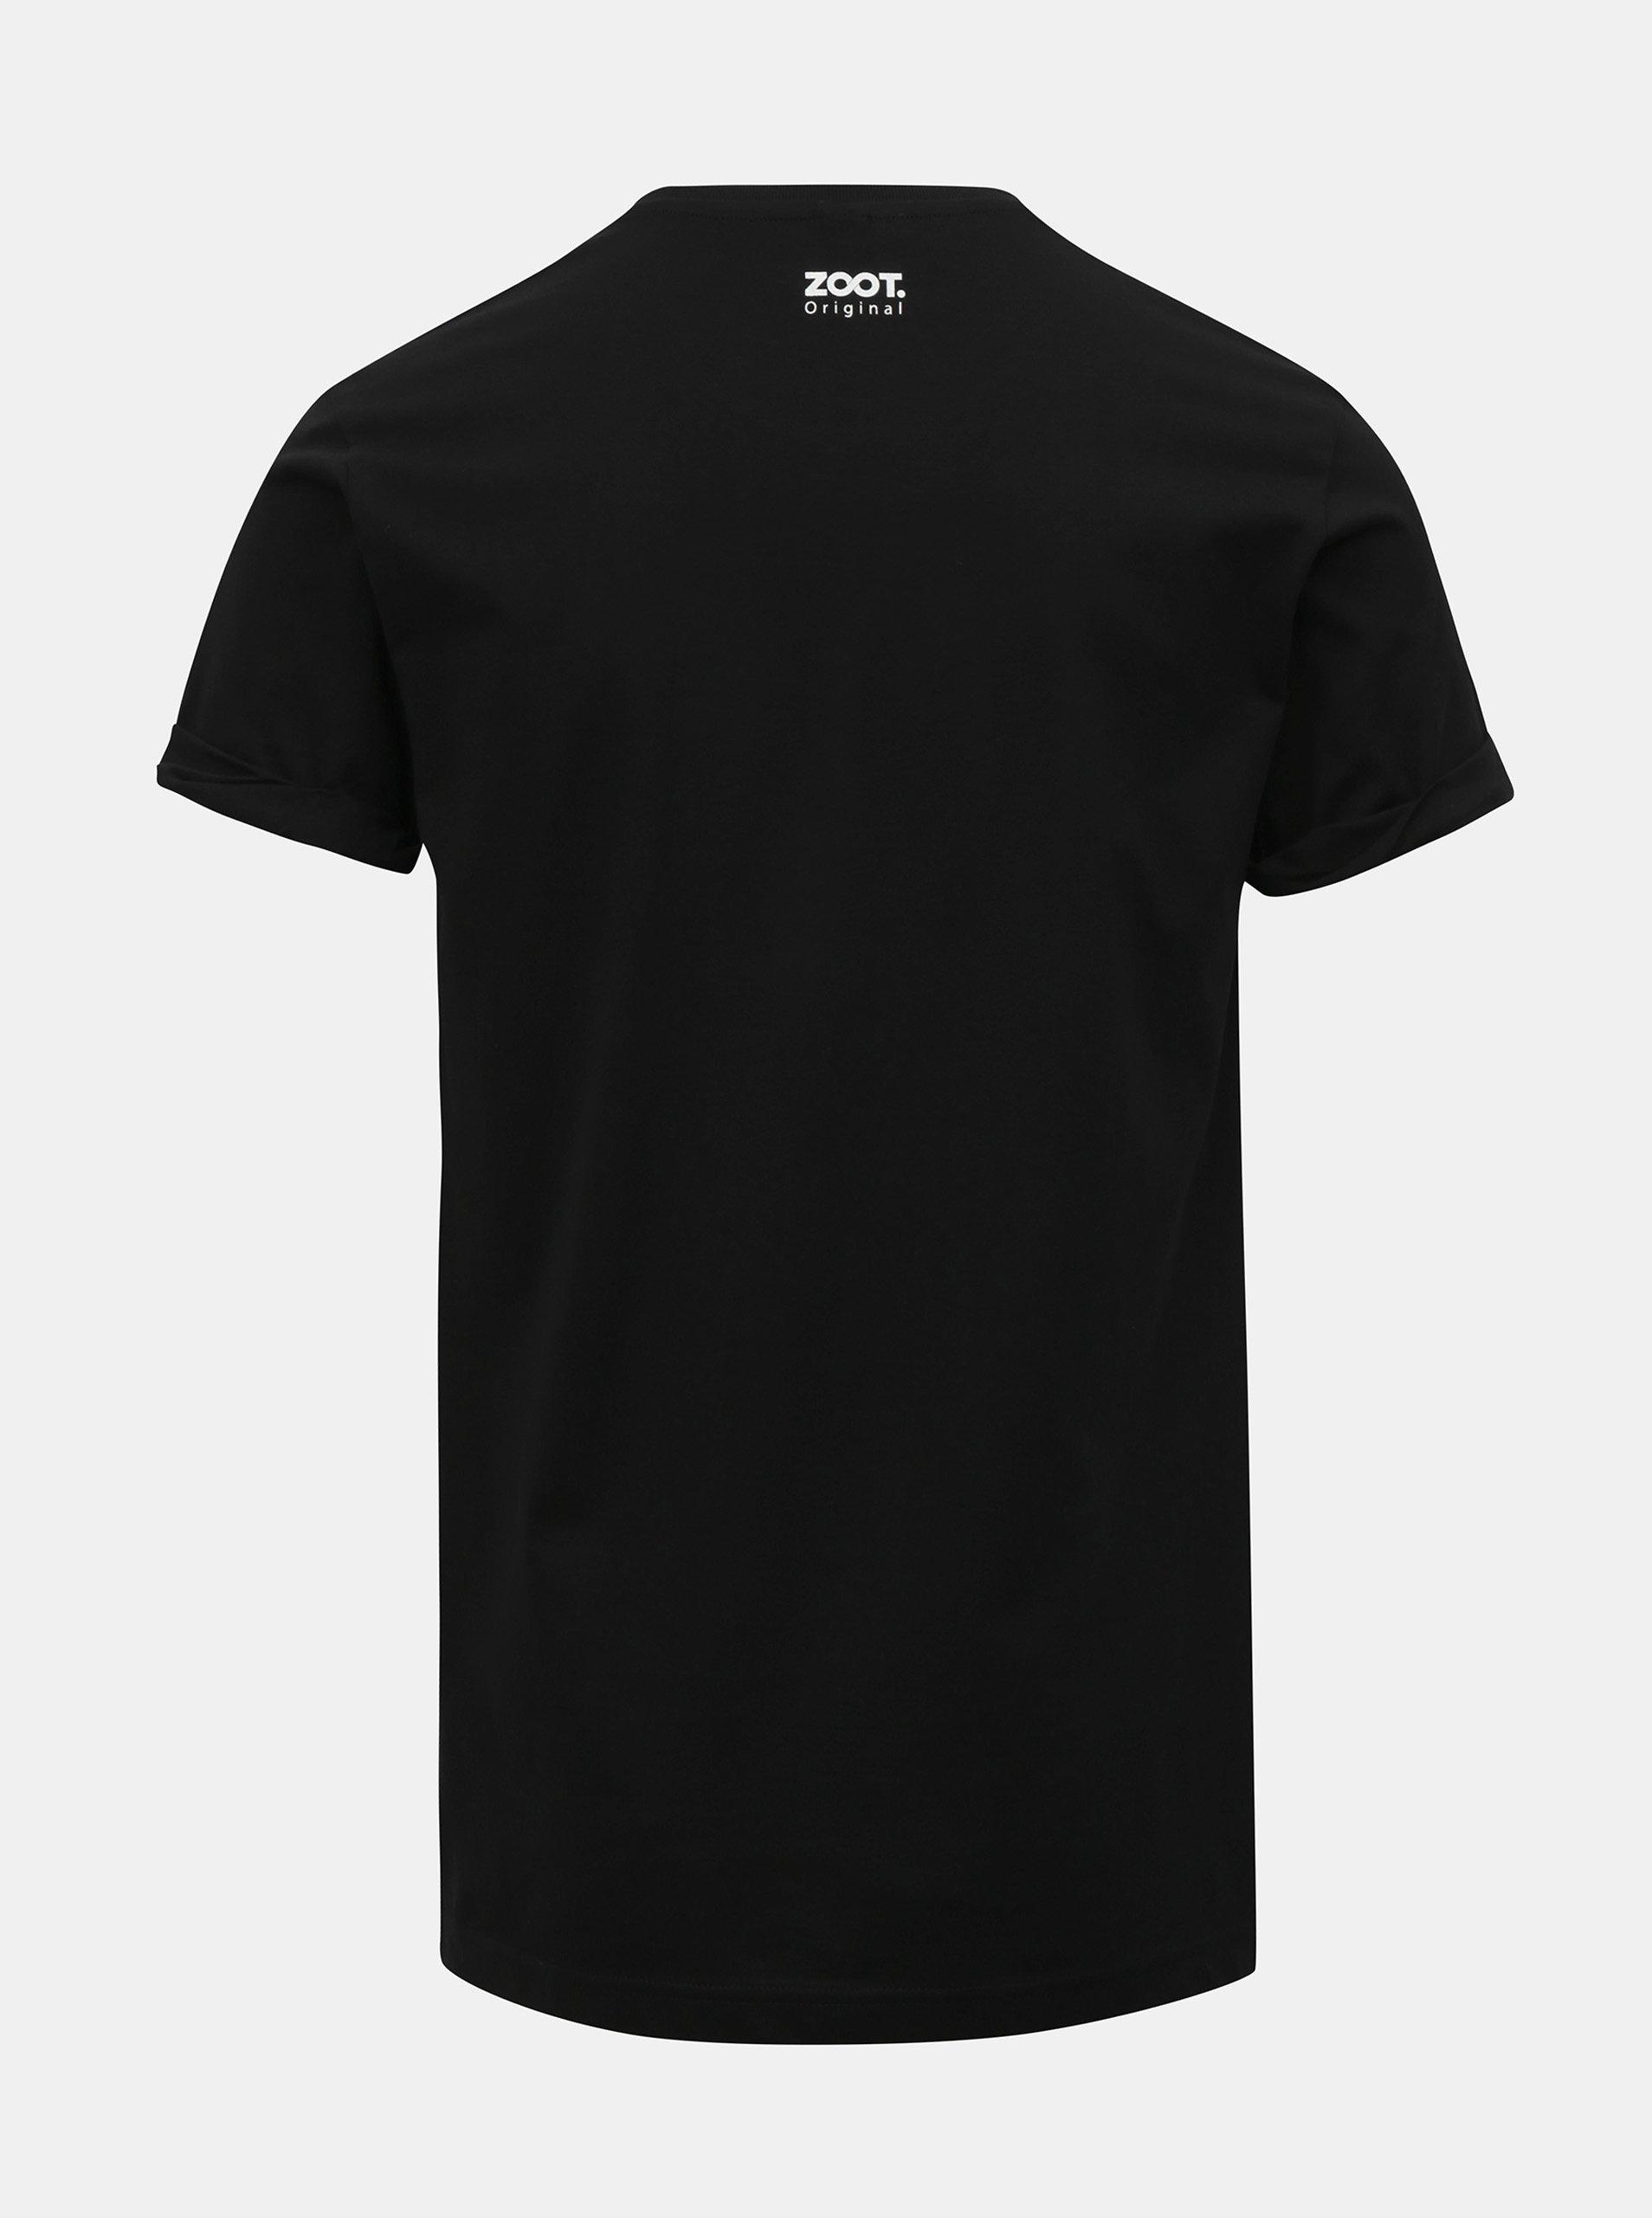 4f28bdefed1c Černé pánské tričko s potiskem ZOOT Original Follow me ...